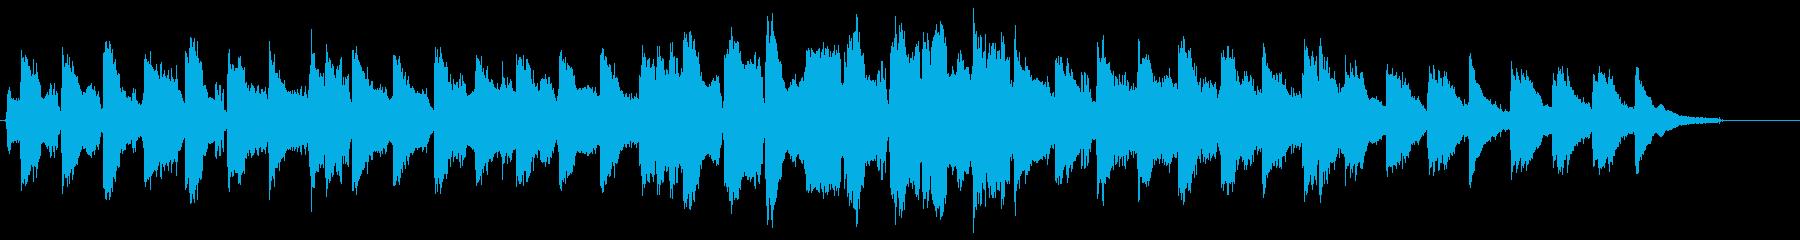 ほのぼのとした、フルートと弦のBGMの再生済みの波形